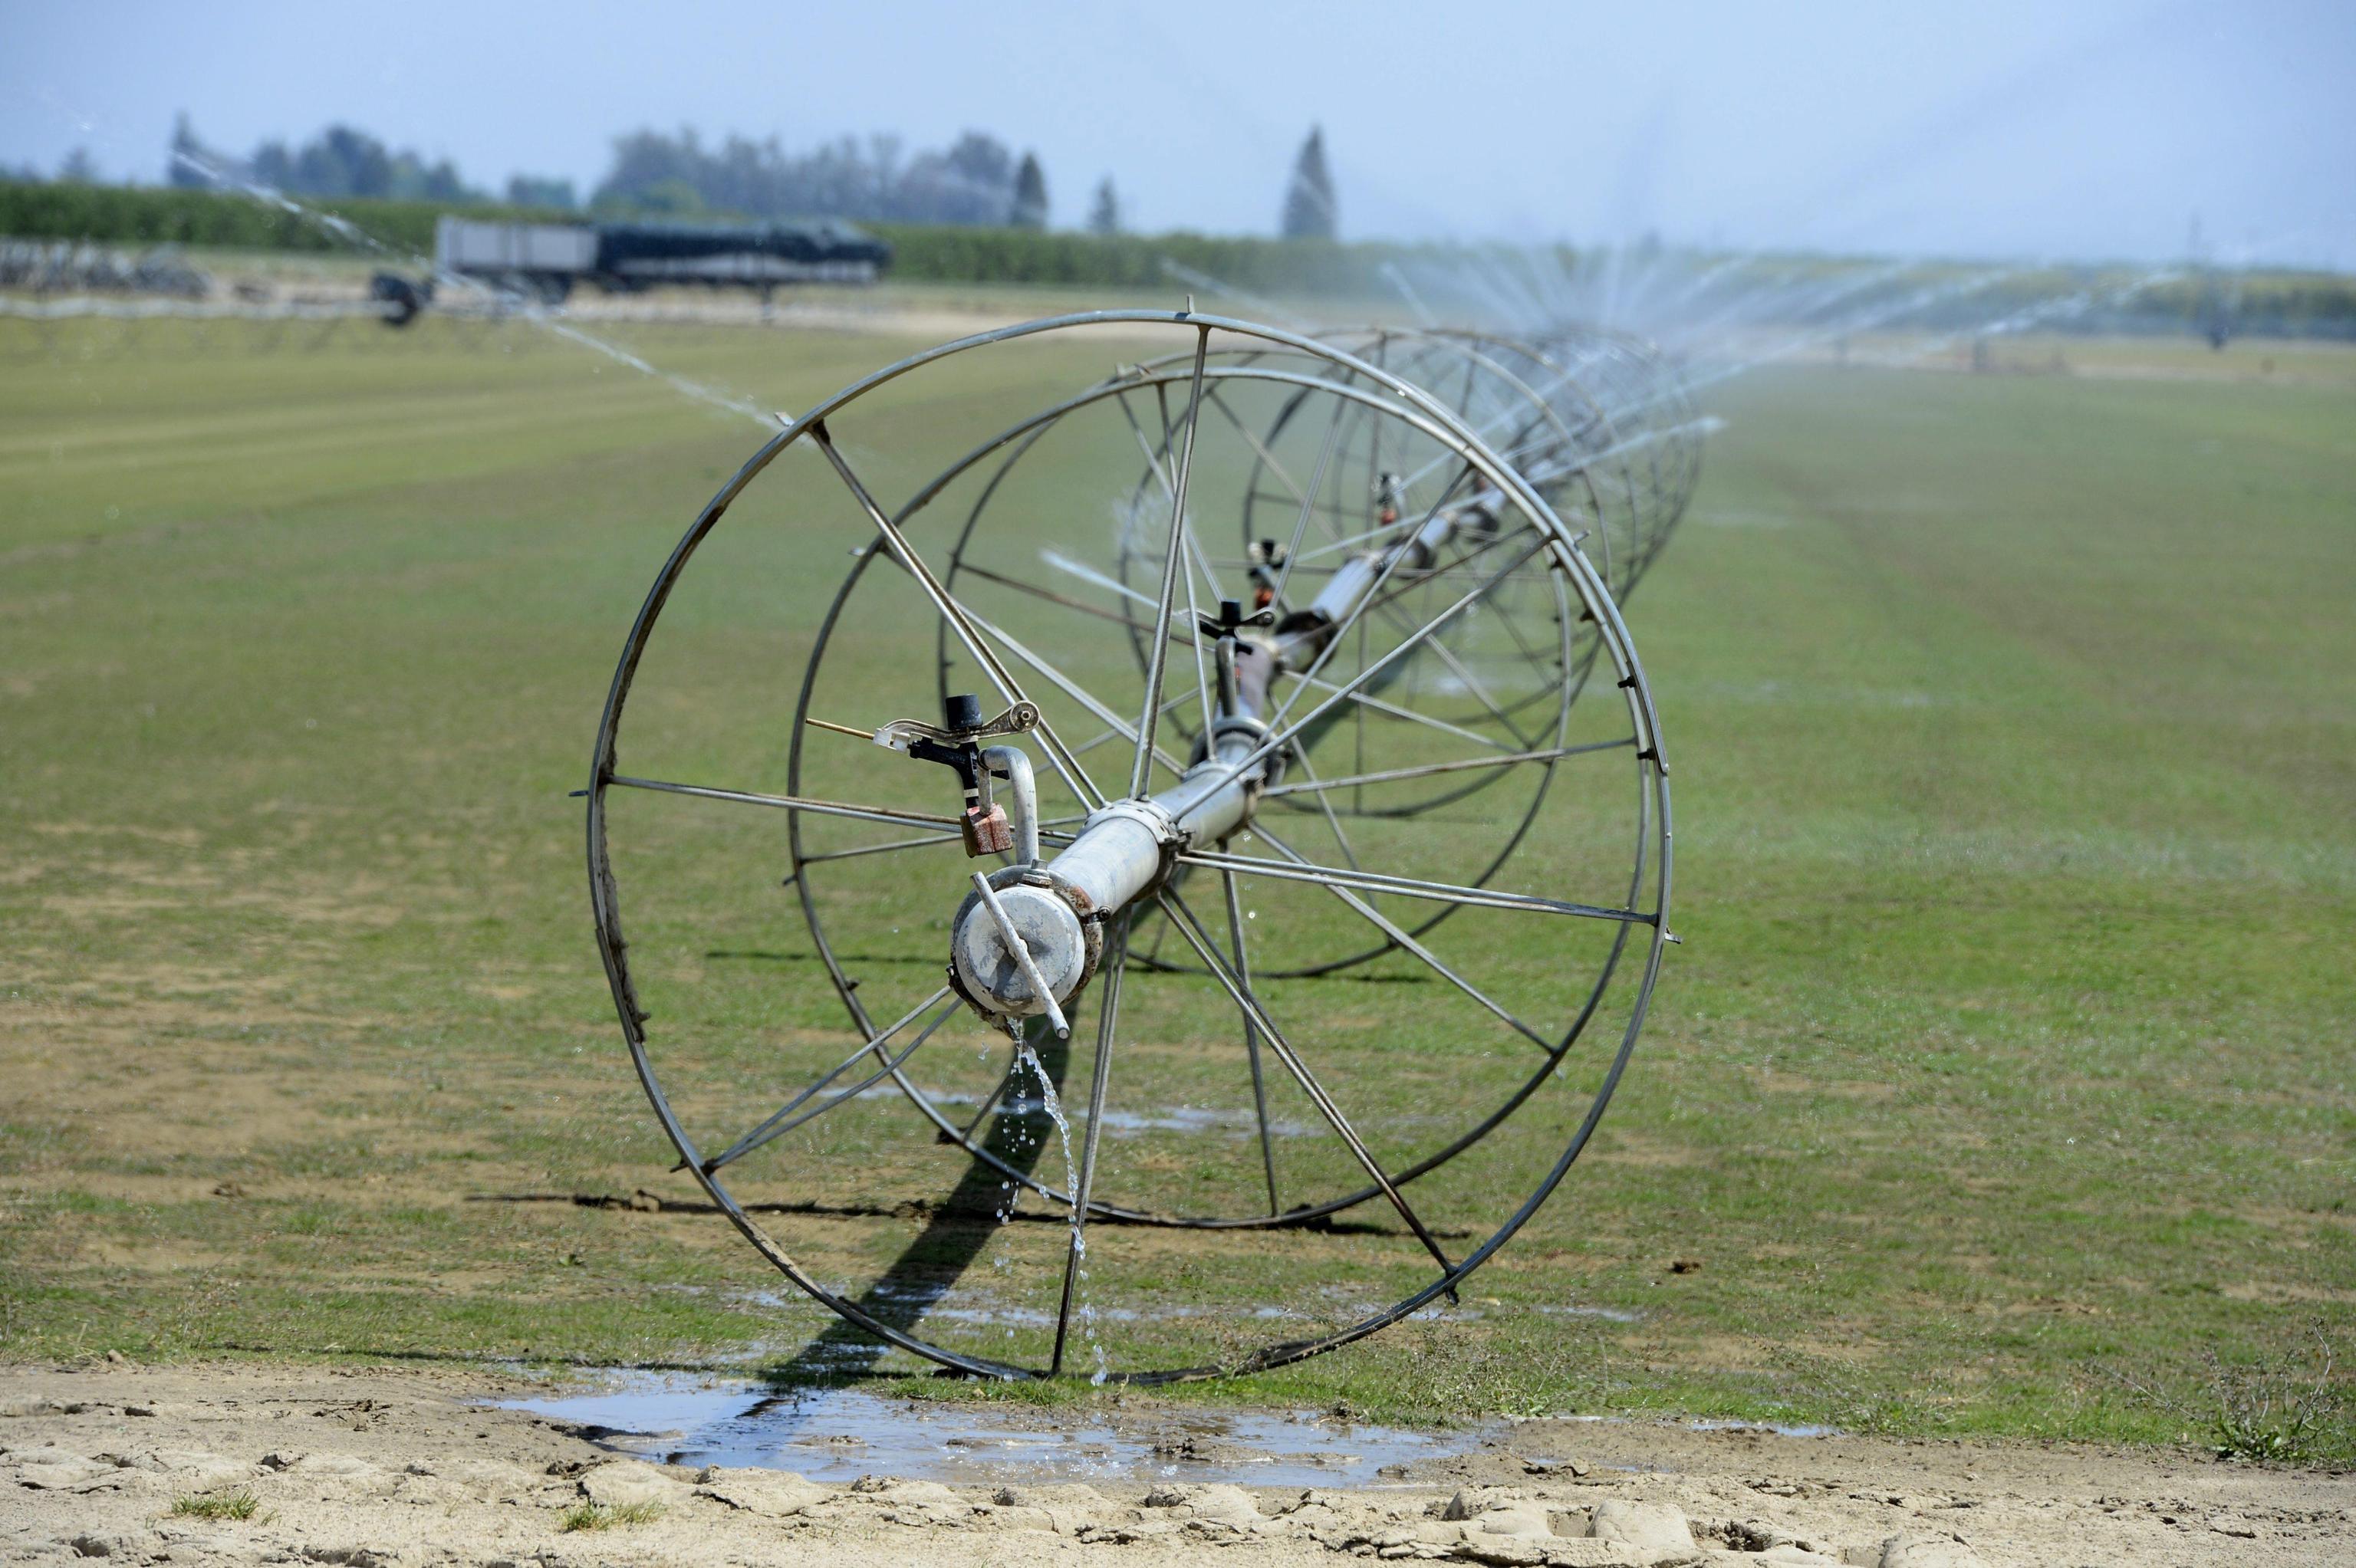 Acqua e cambiamento climatico: ecco le Imprese italiane unite per le grandi sfide globali